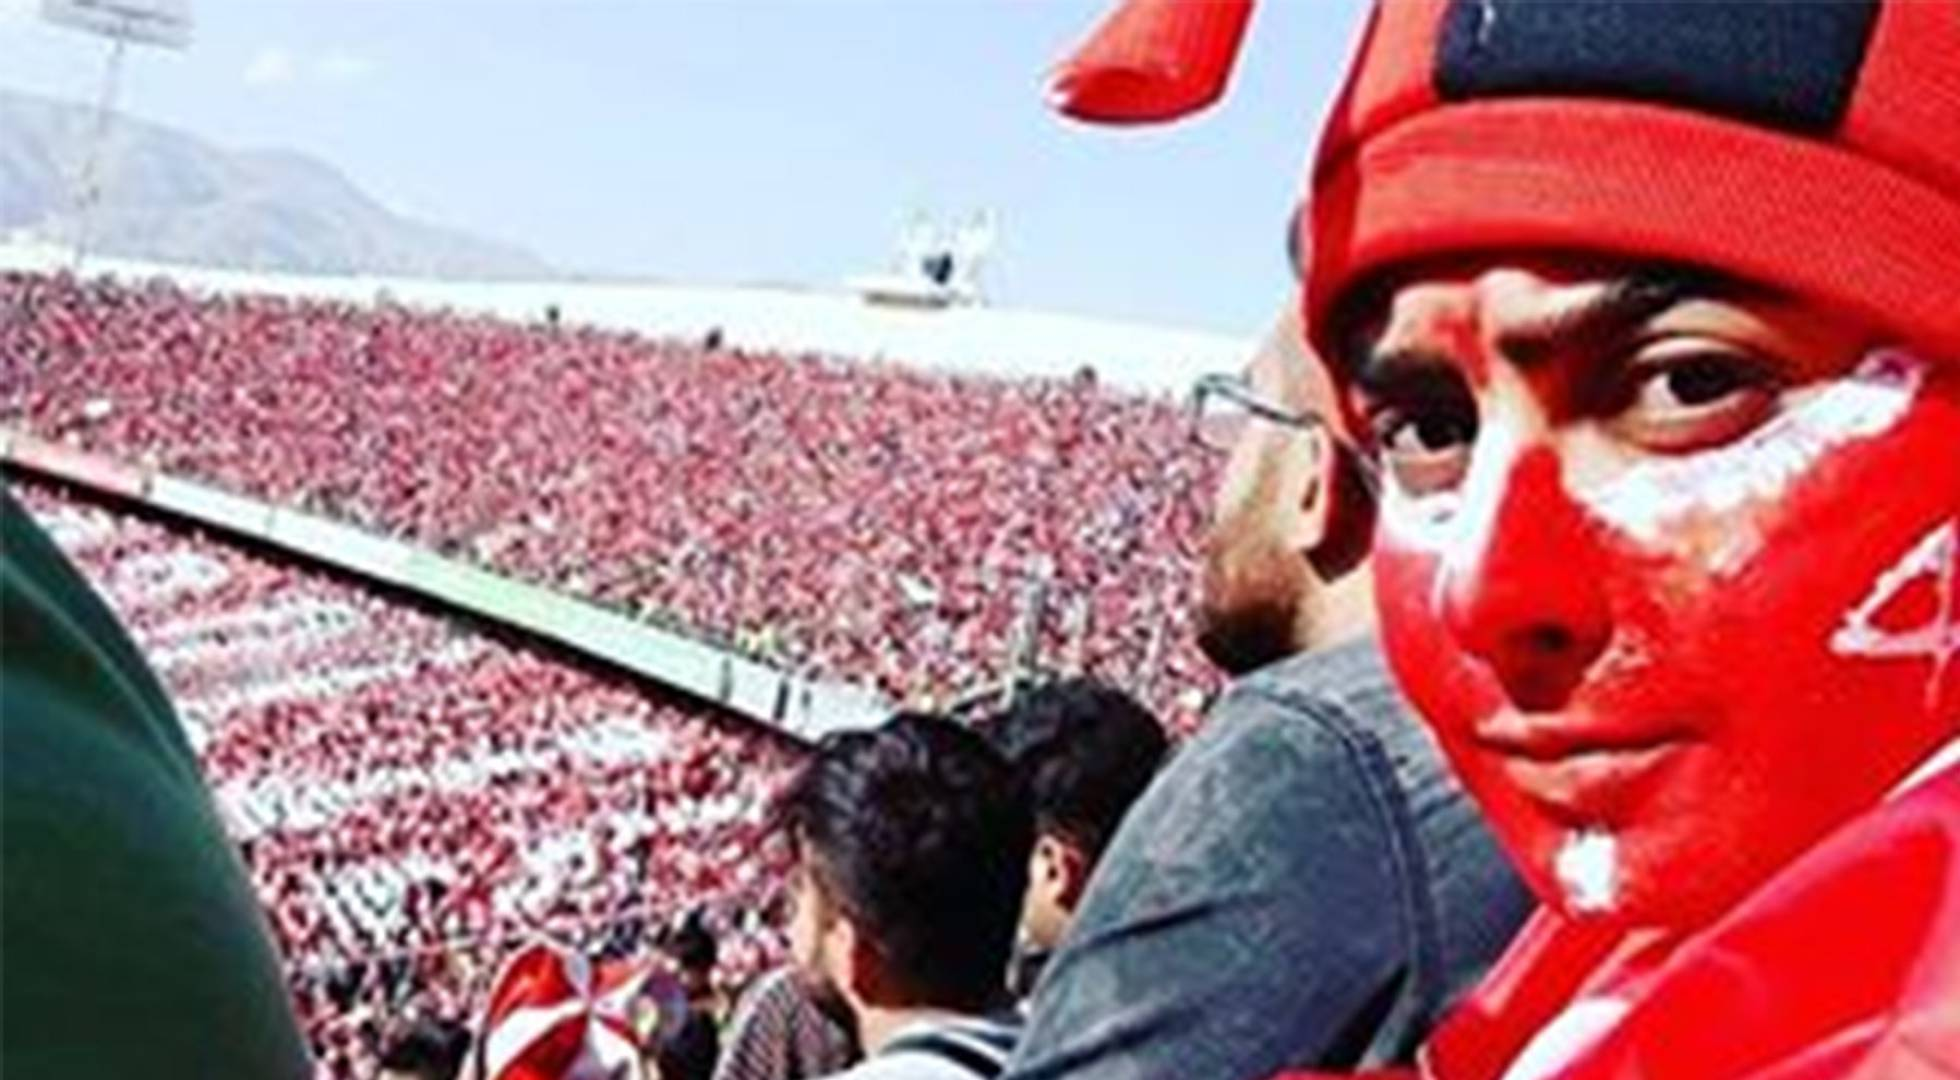 Una mujer recibe apoyos y amenazas tras lograr colarse en el fútbol en Irán